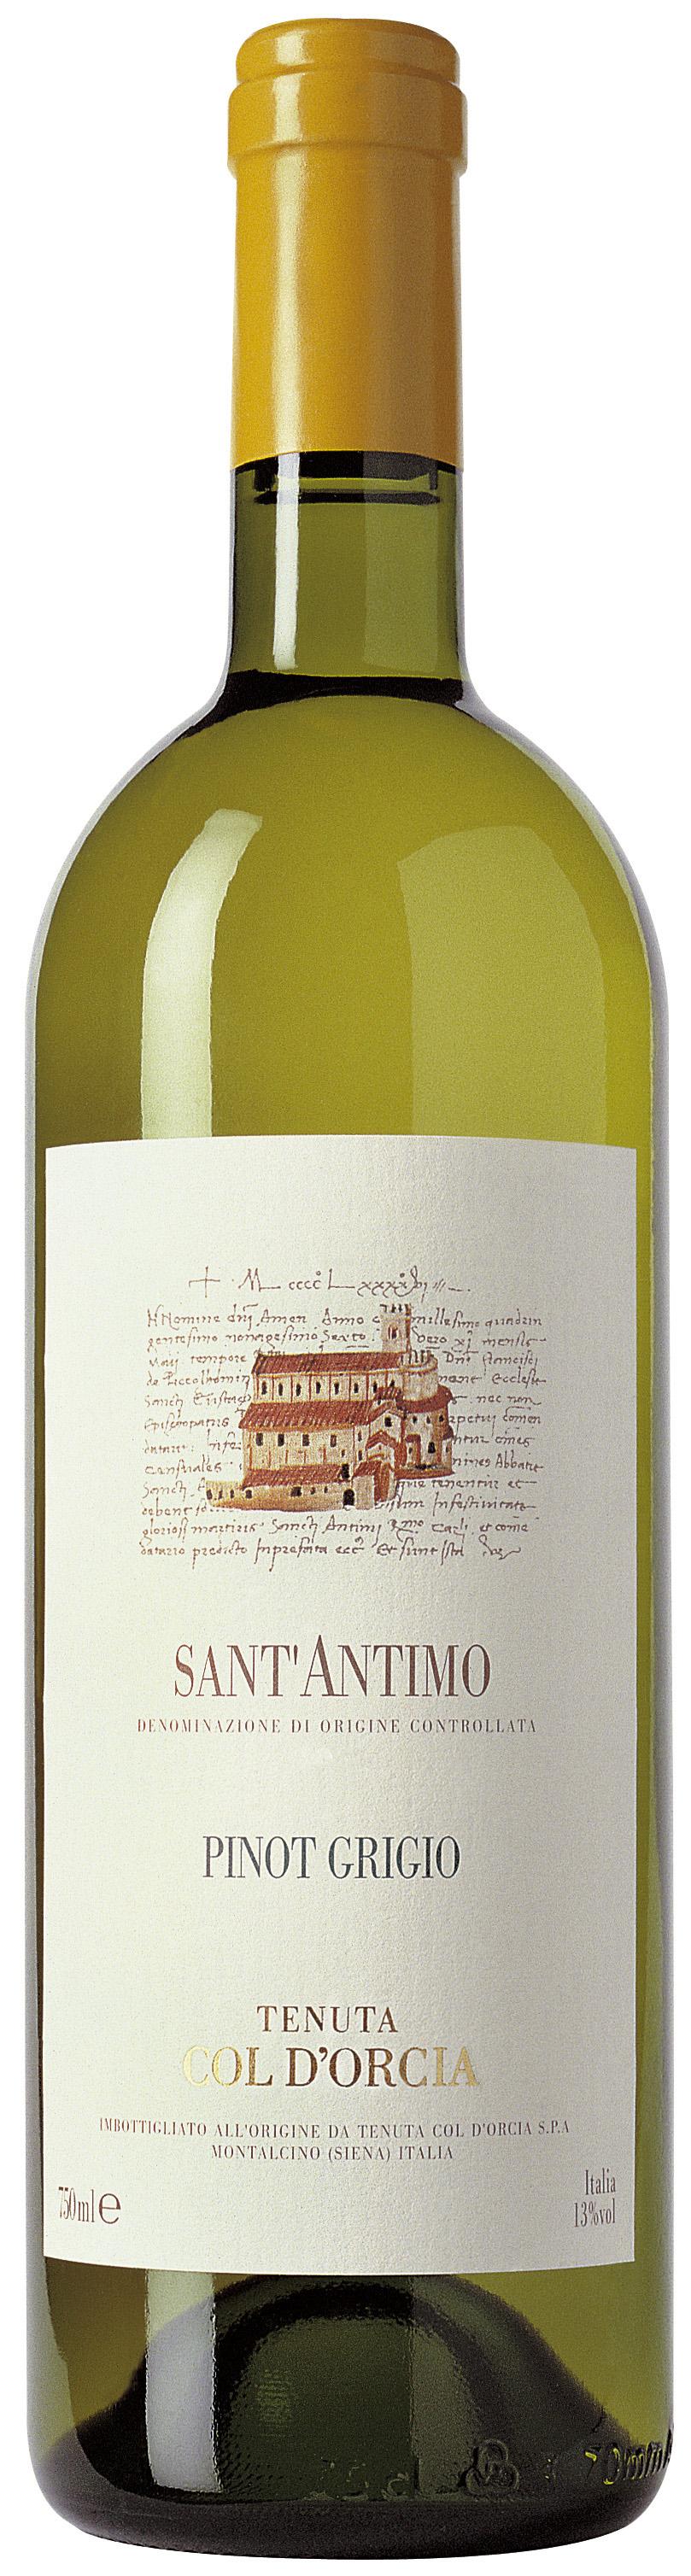 Sant'Antimo Pinot Grigio